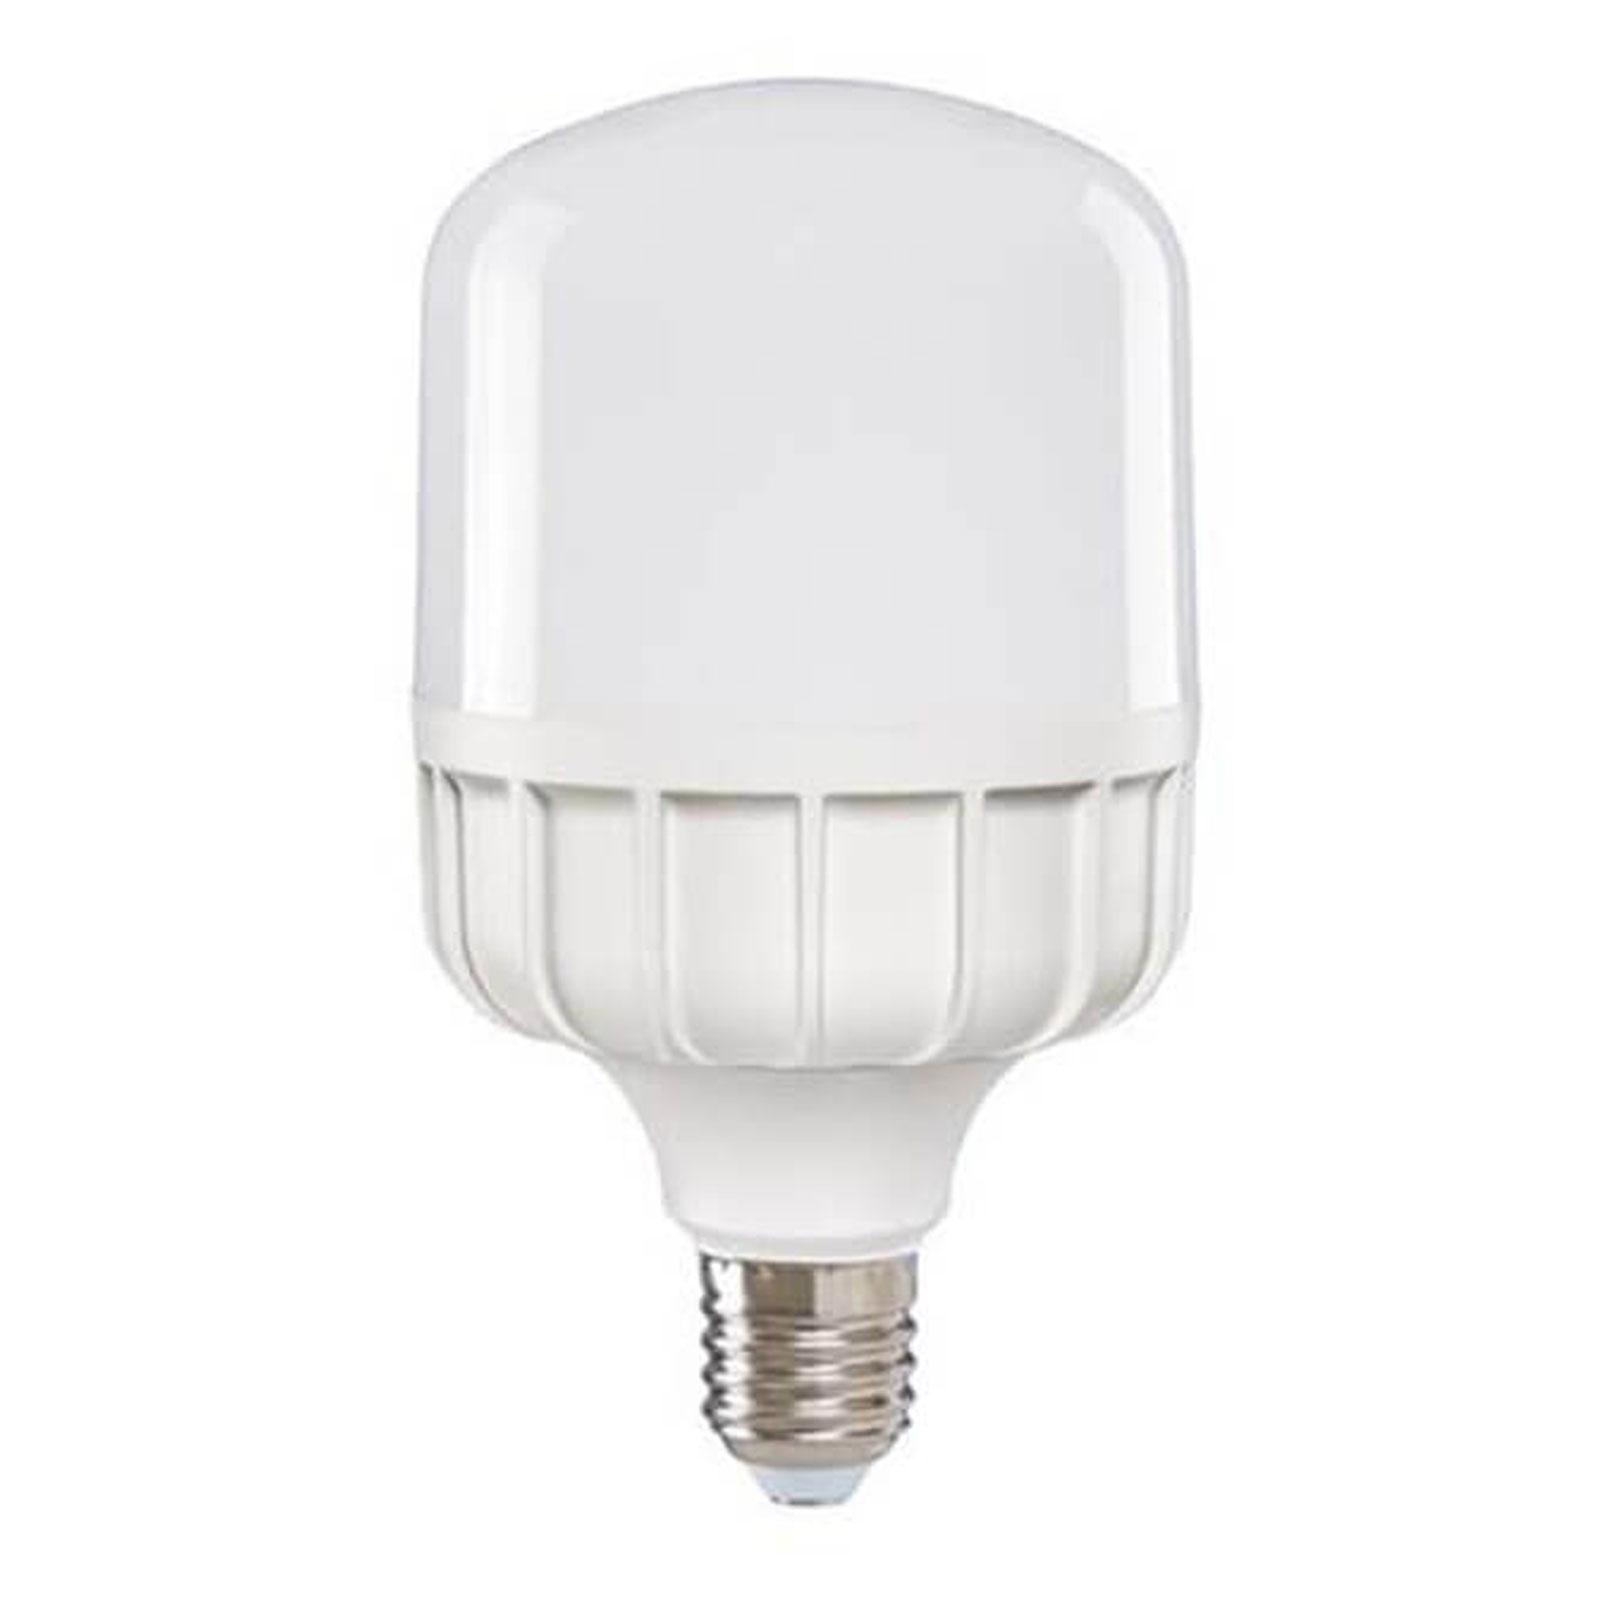 لامپ 40 وات ال ای دی استوانه ای پارس شوان سرپیچ E27